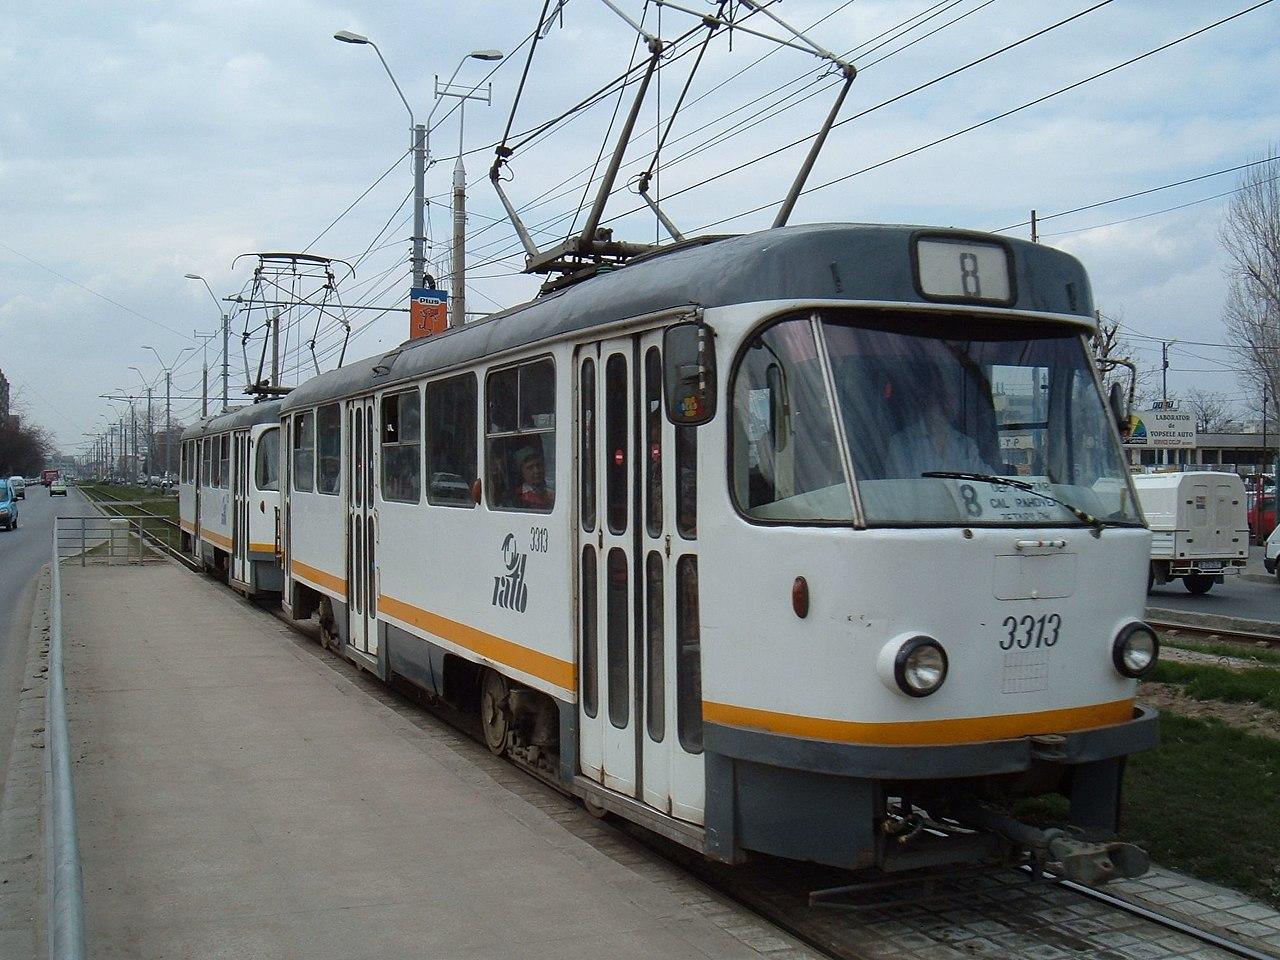 Tramwaj Tatra T4 linii 8 na Timi Toara Boulevard